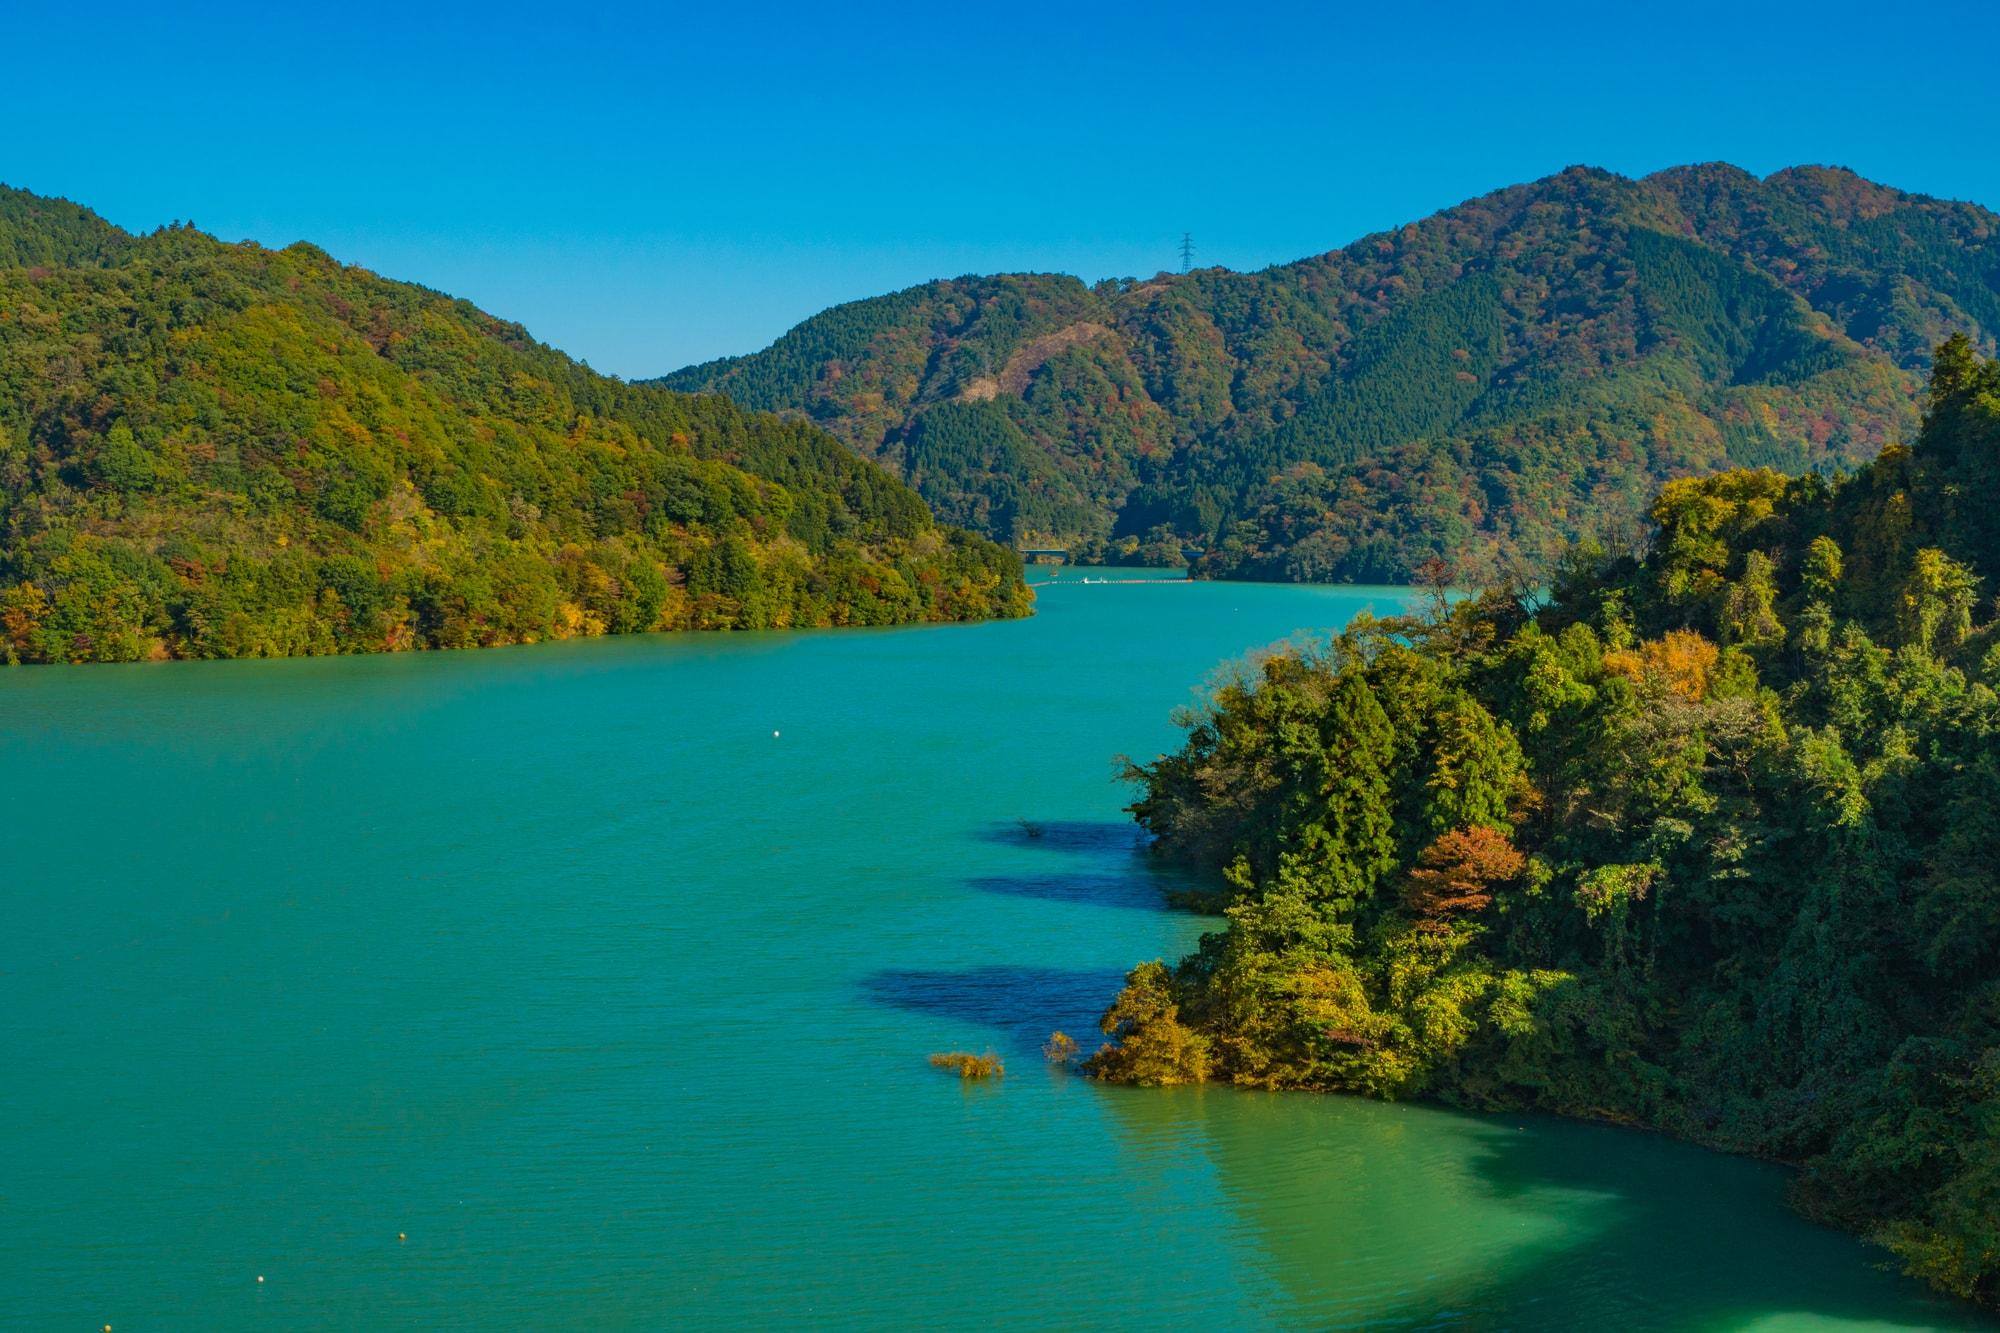 宫濑湖秋天的风景